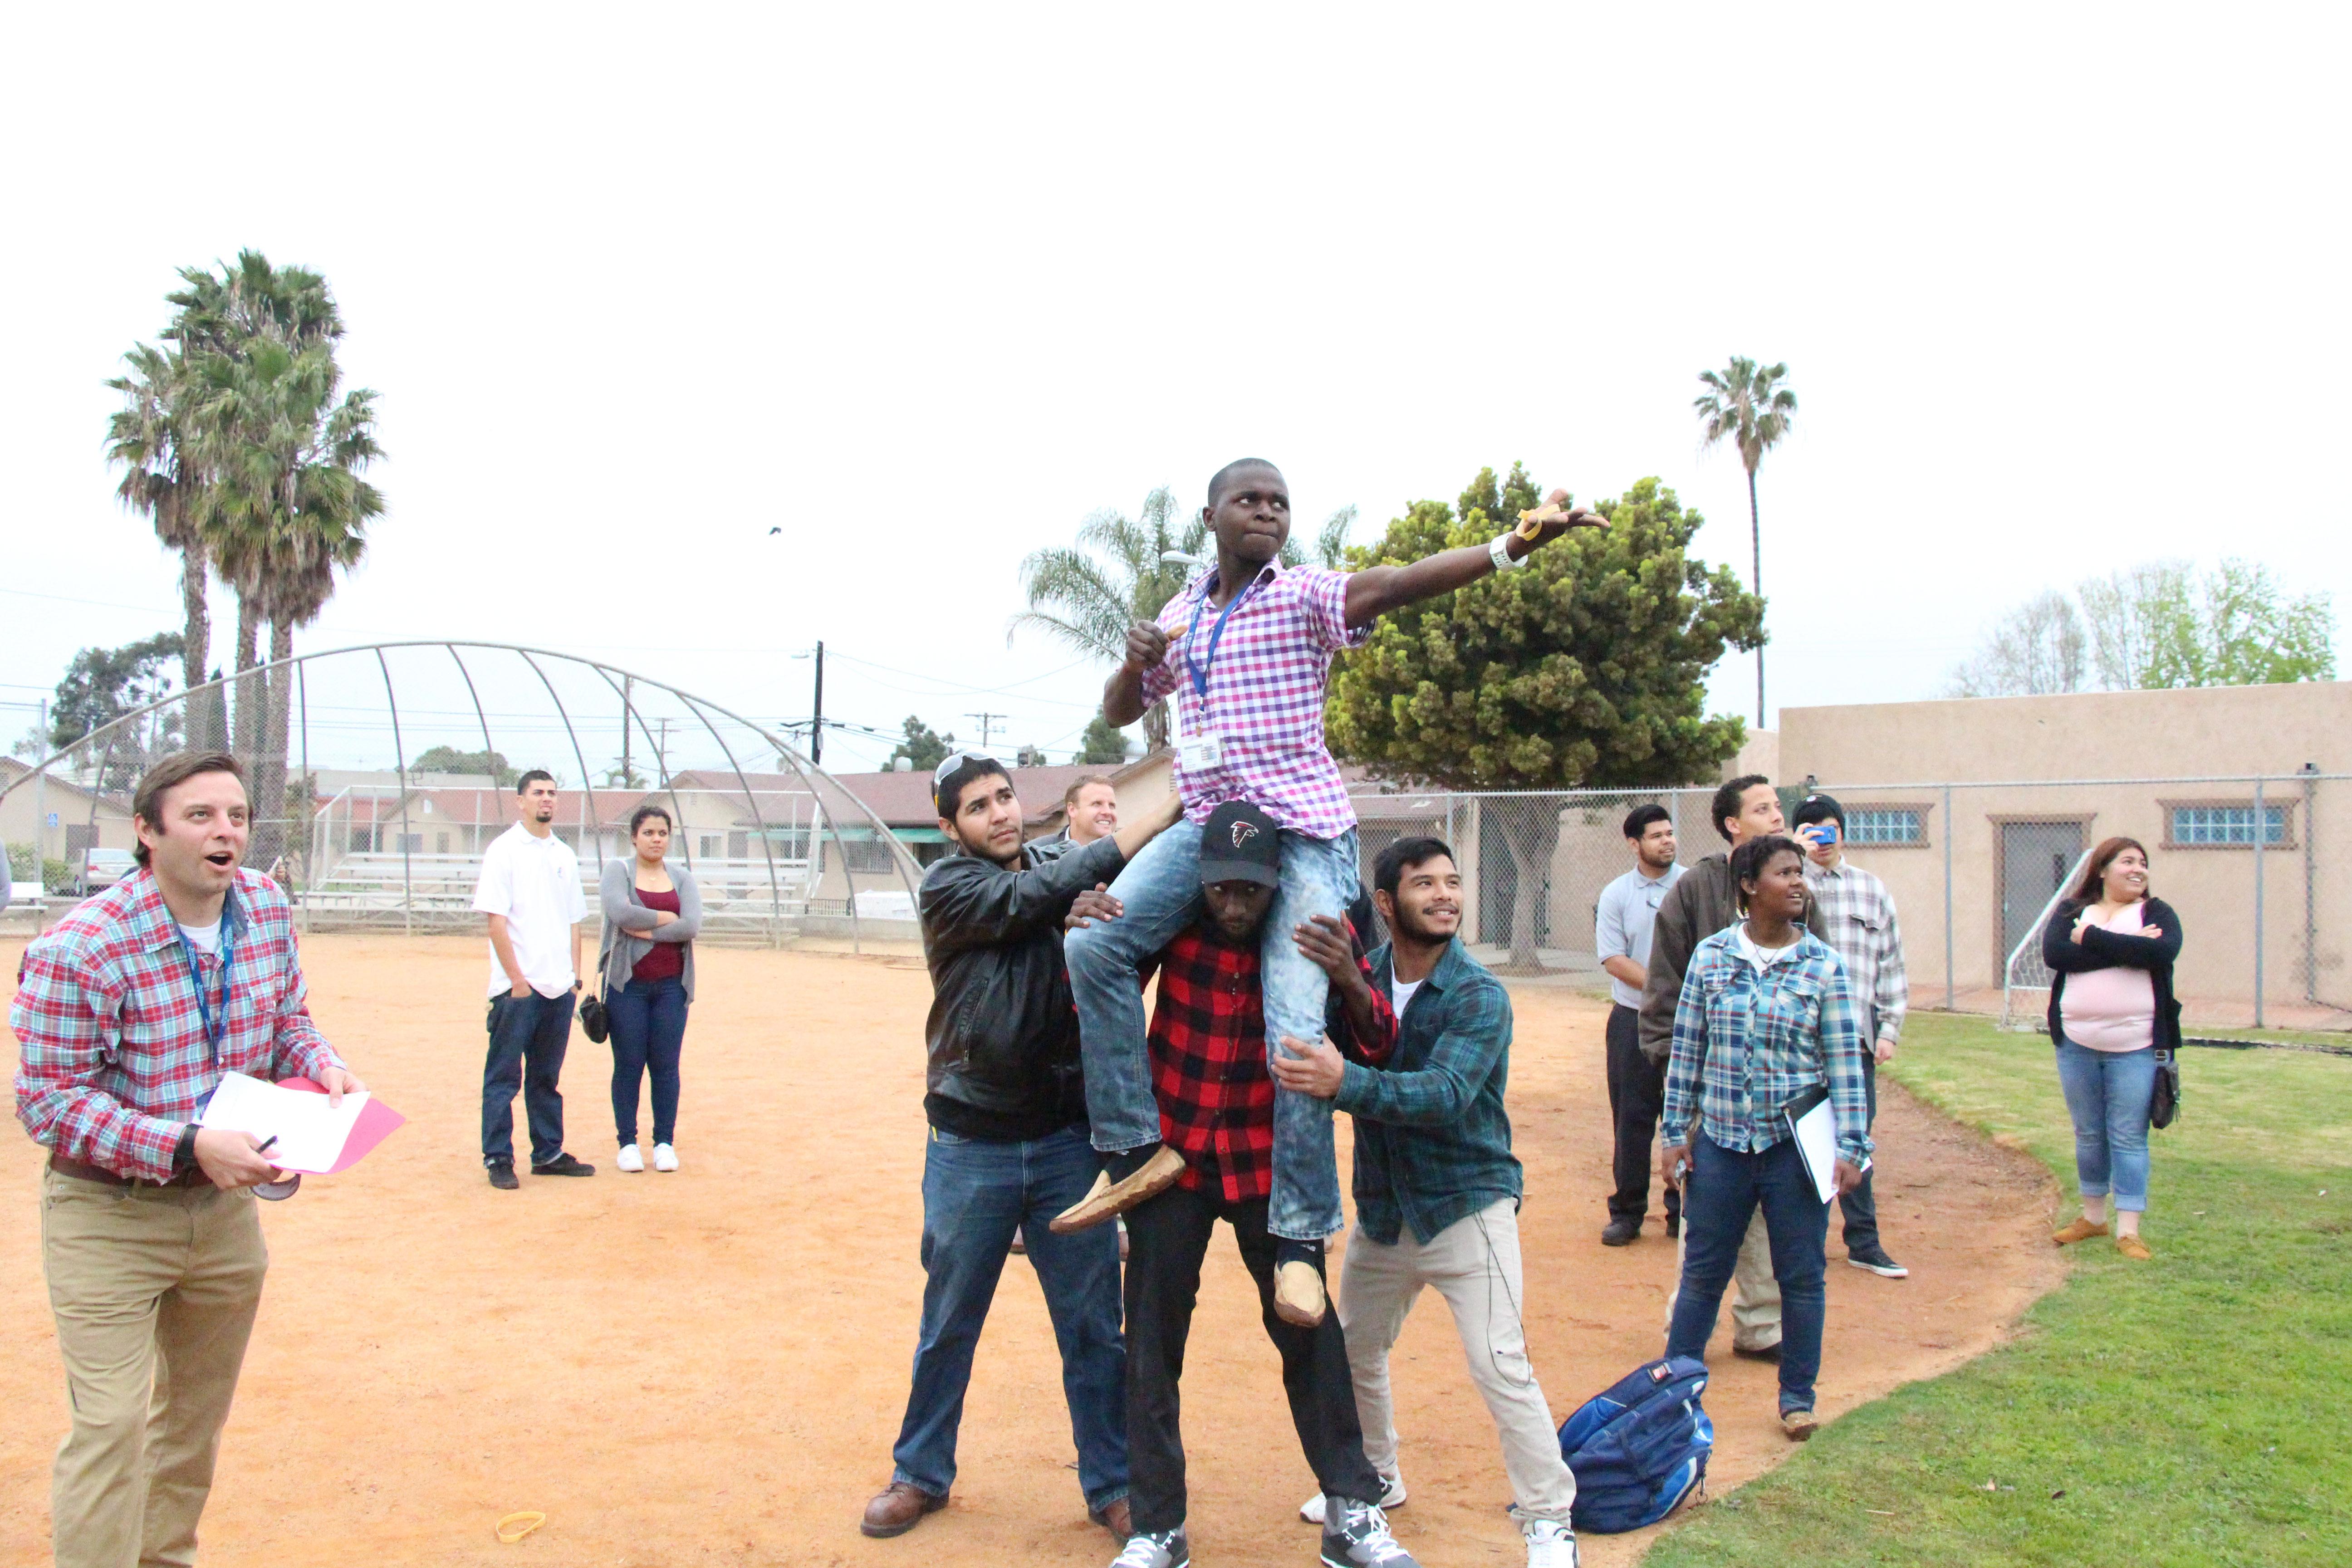 SIATech San Diego Students